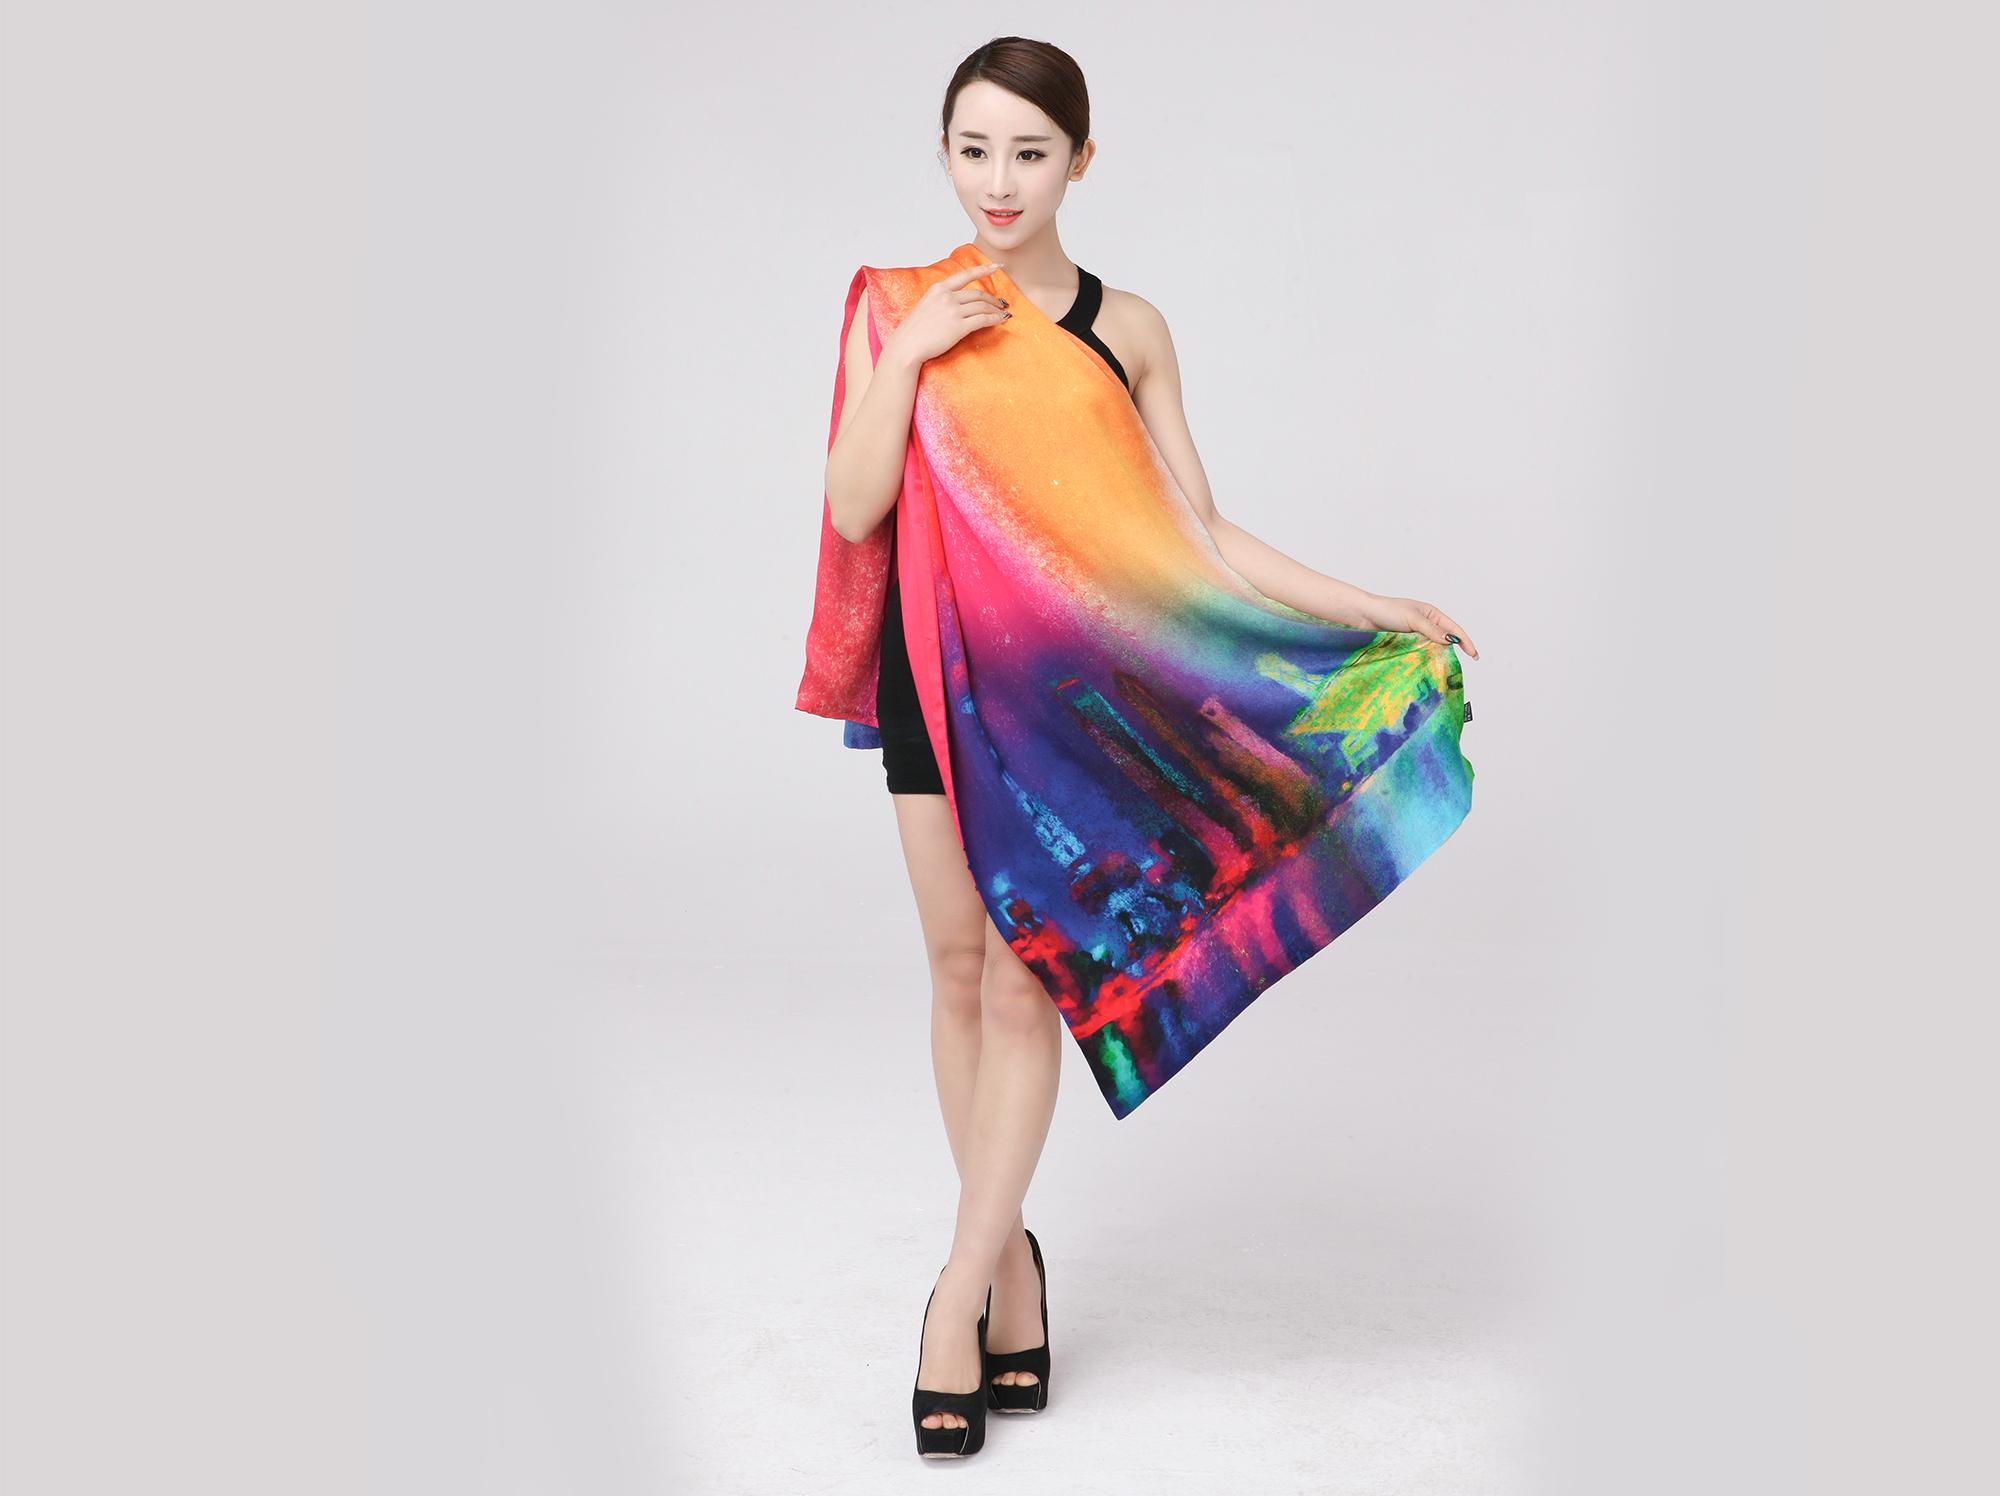 上海风情春秋夏百变多用双层带扣围巾披肩重磅桑蚕丝真丝空调长巾